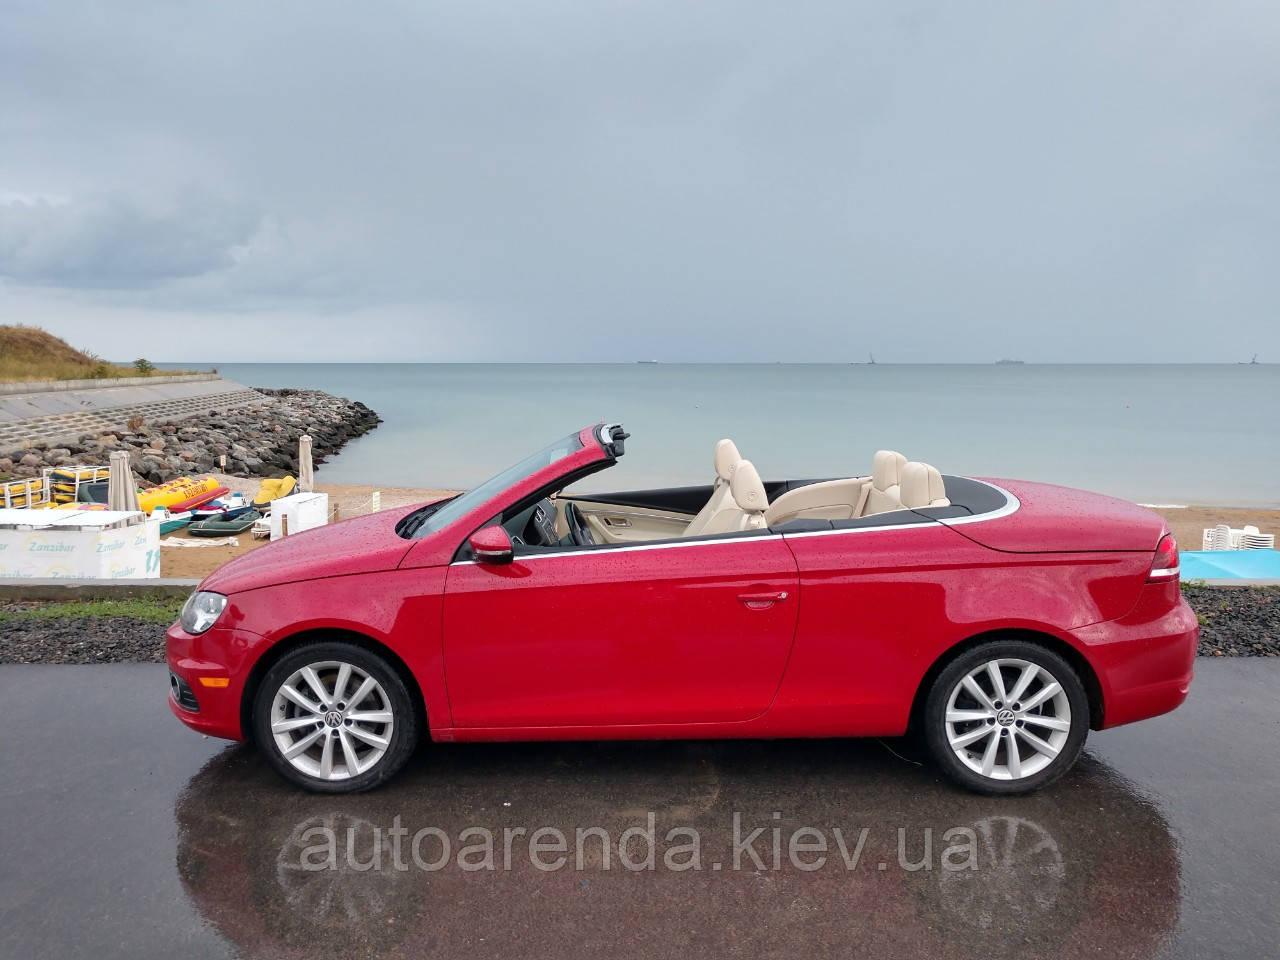 Аренда красного кабриолета Volkswagen Eos